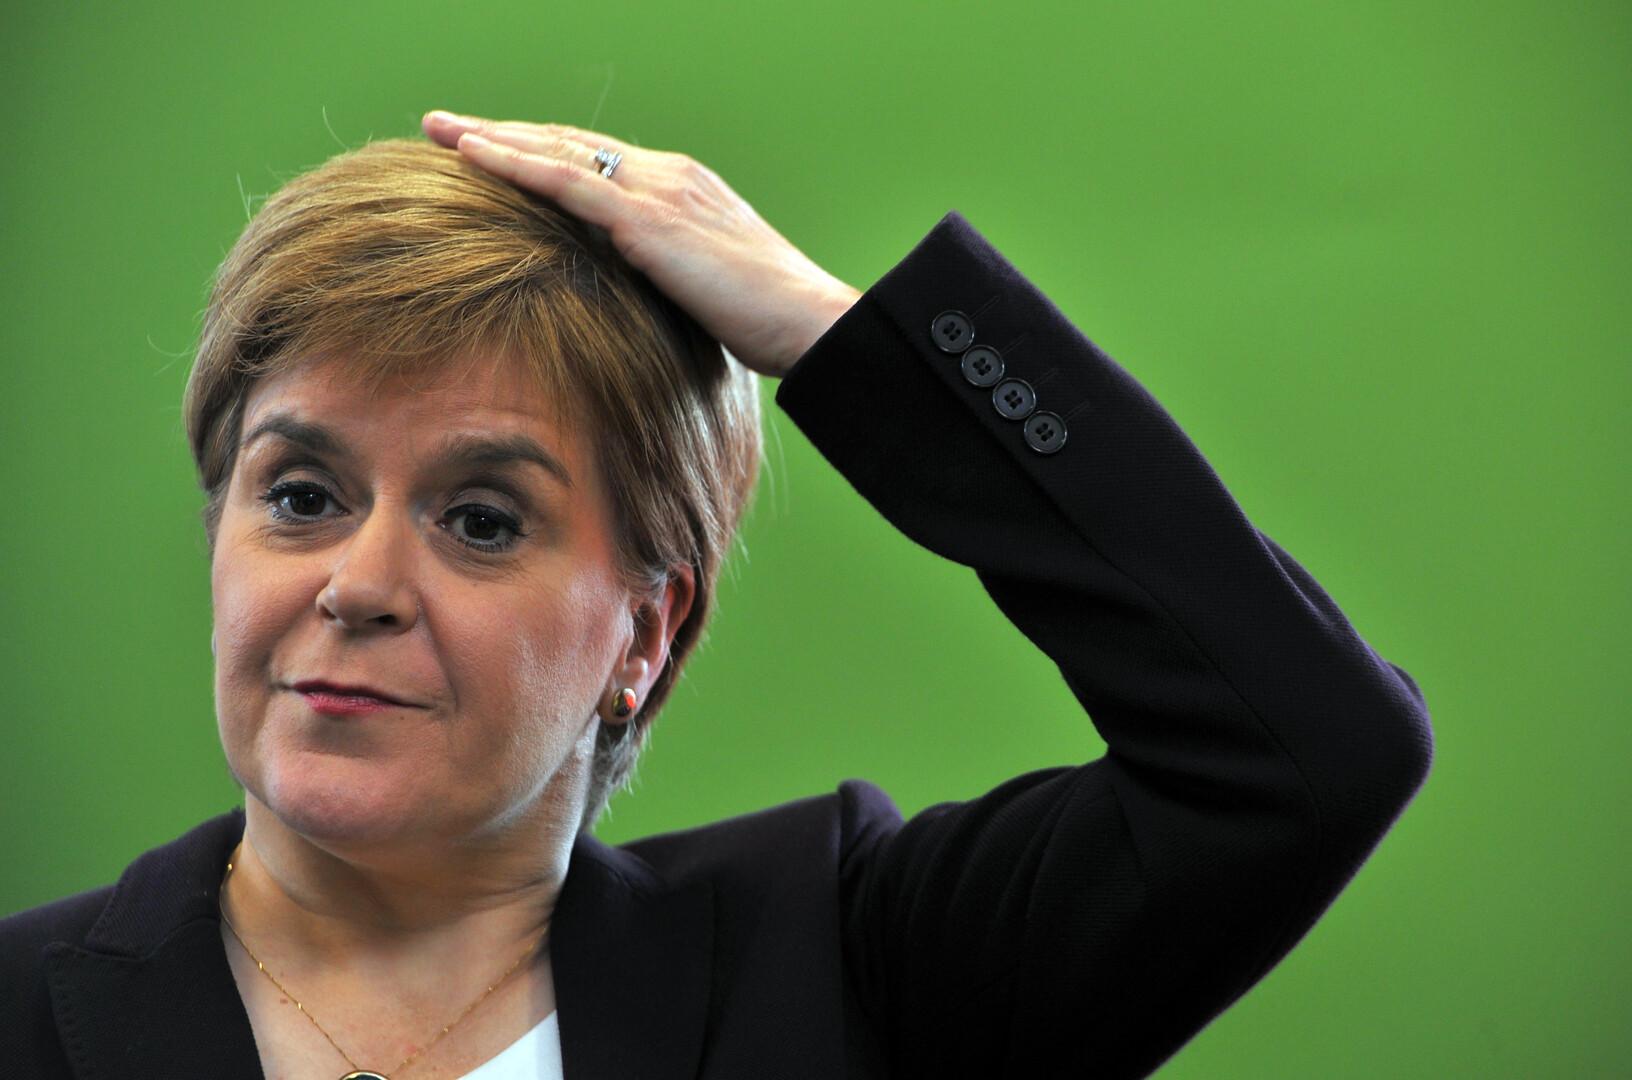 السبب ليس بريكسيت.. زعيمة اسكتلندا تتلقى ضربة على رأسها